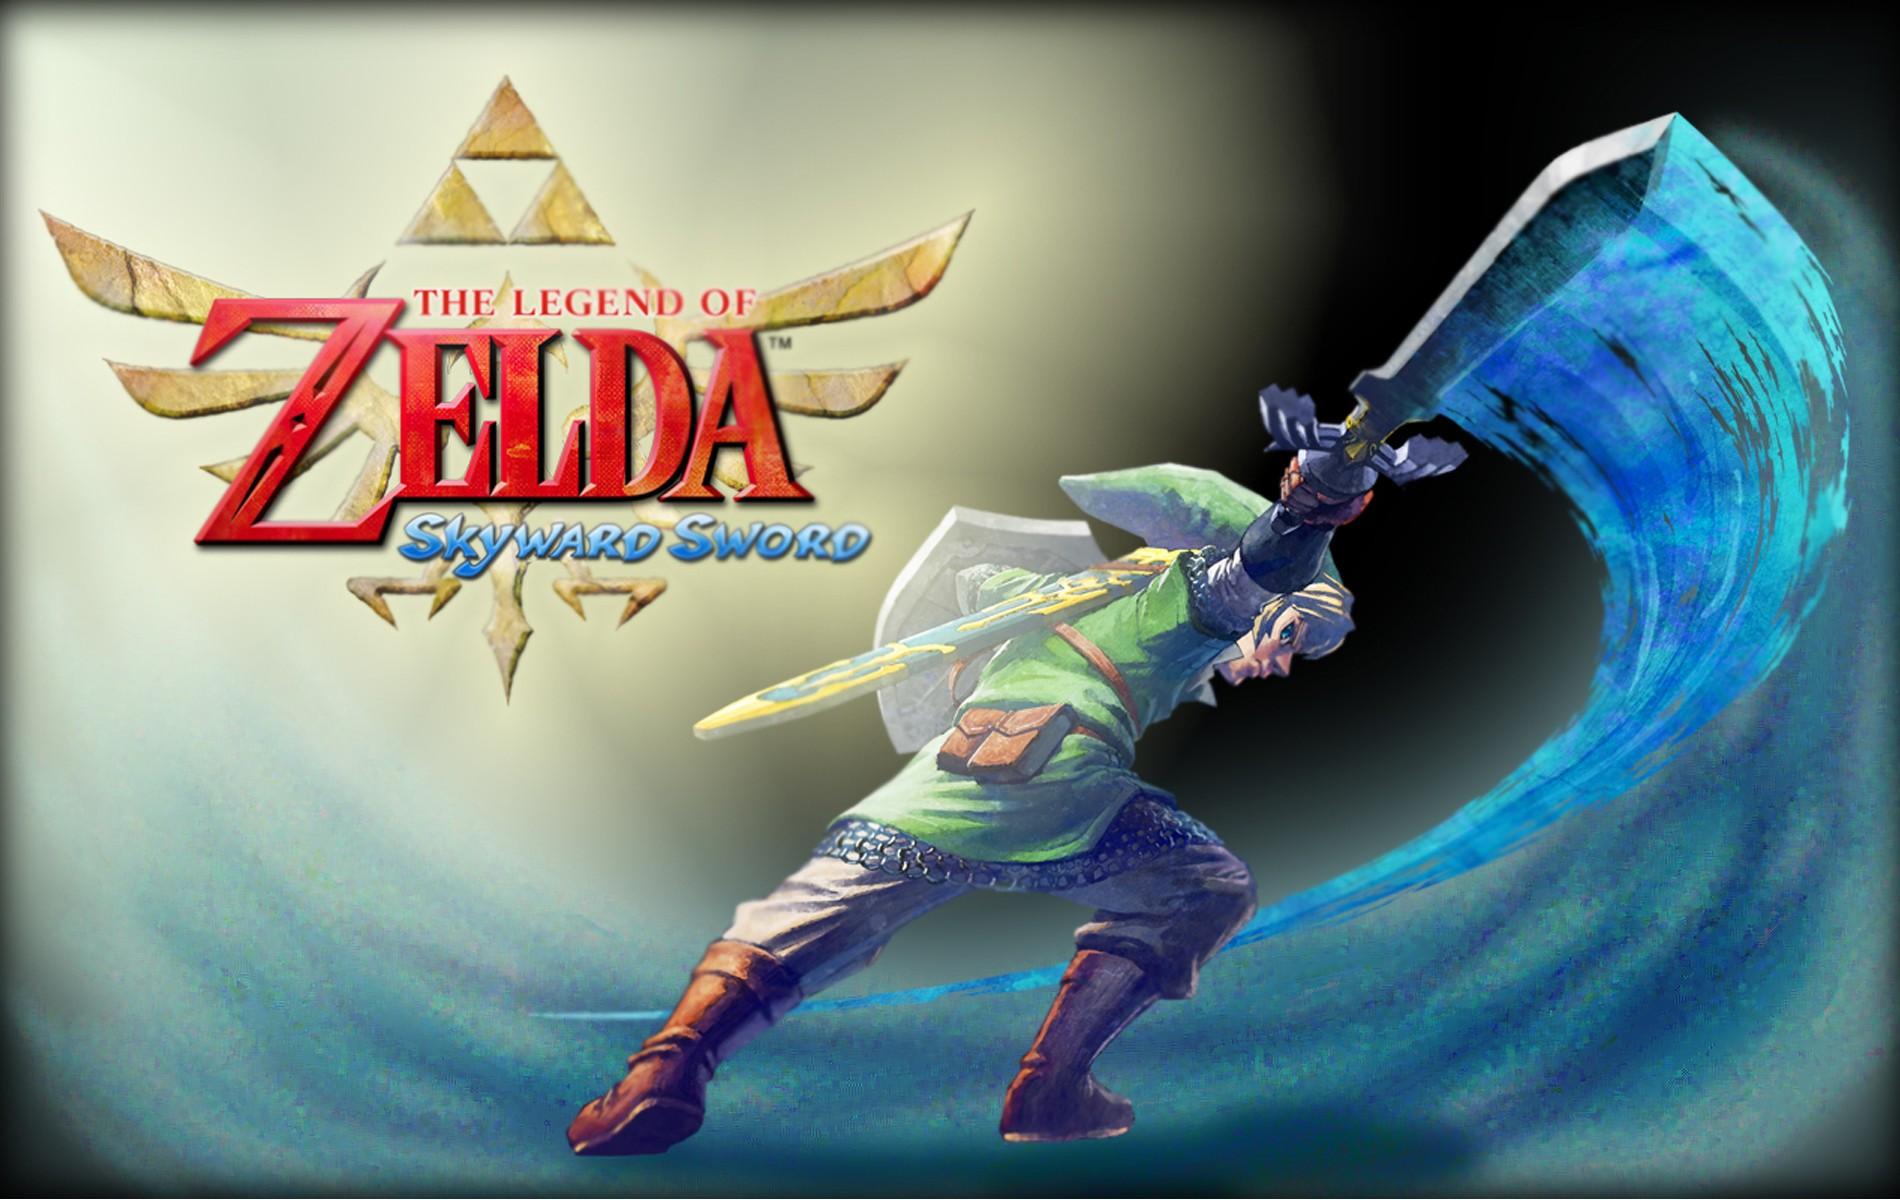 Skyward Sword Legend Of Zelda Wallpaper Hd Legend Of Zelda